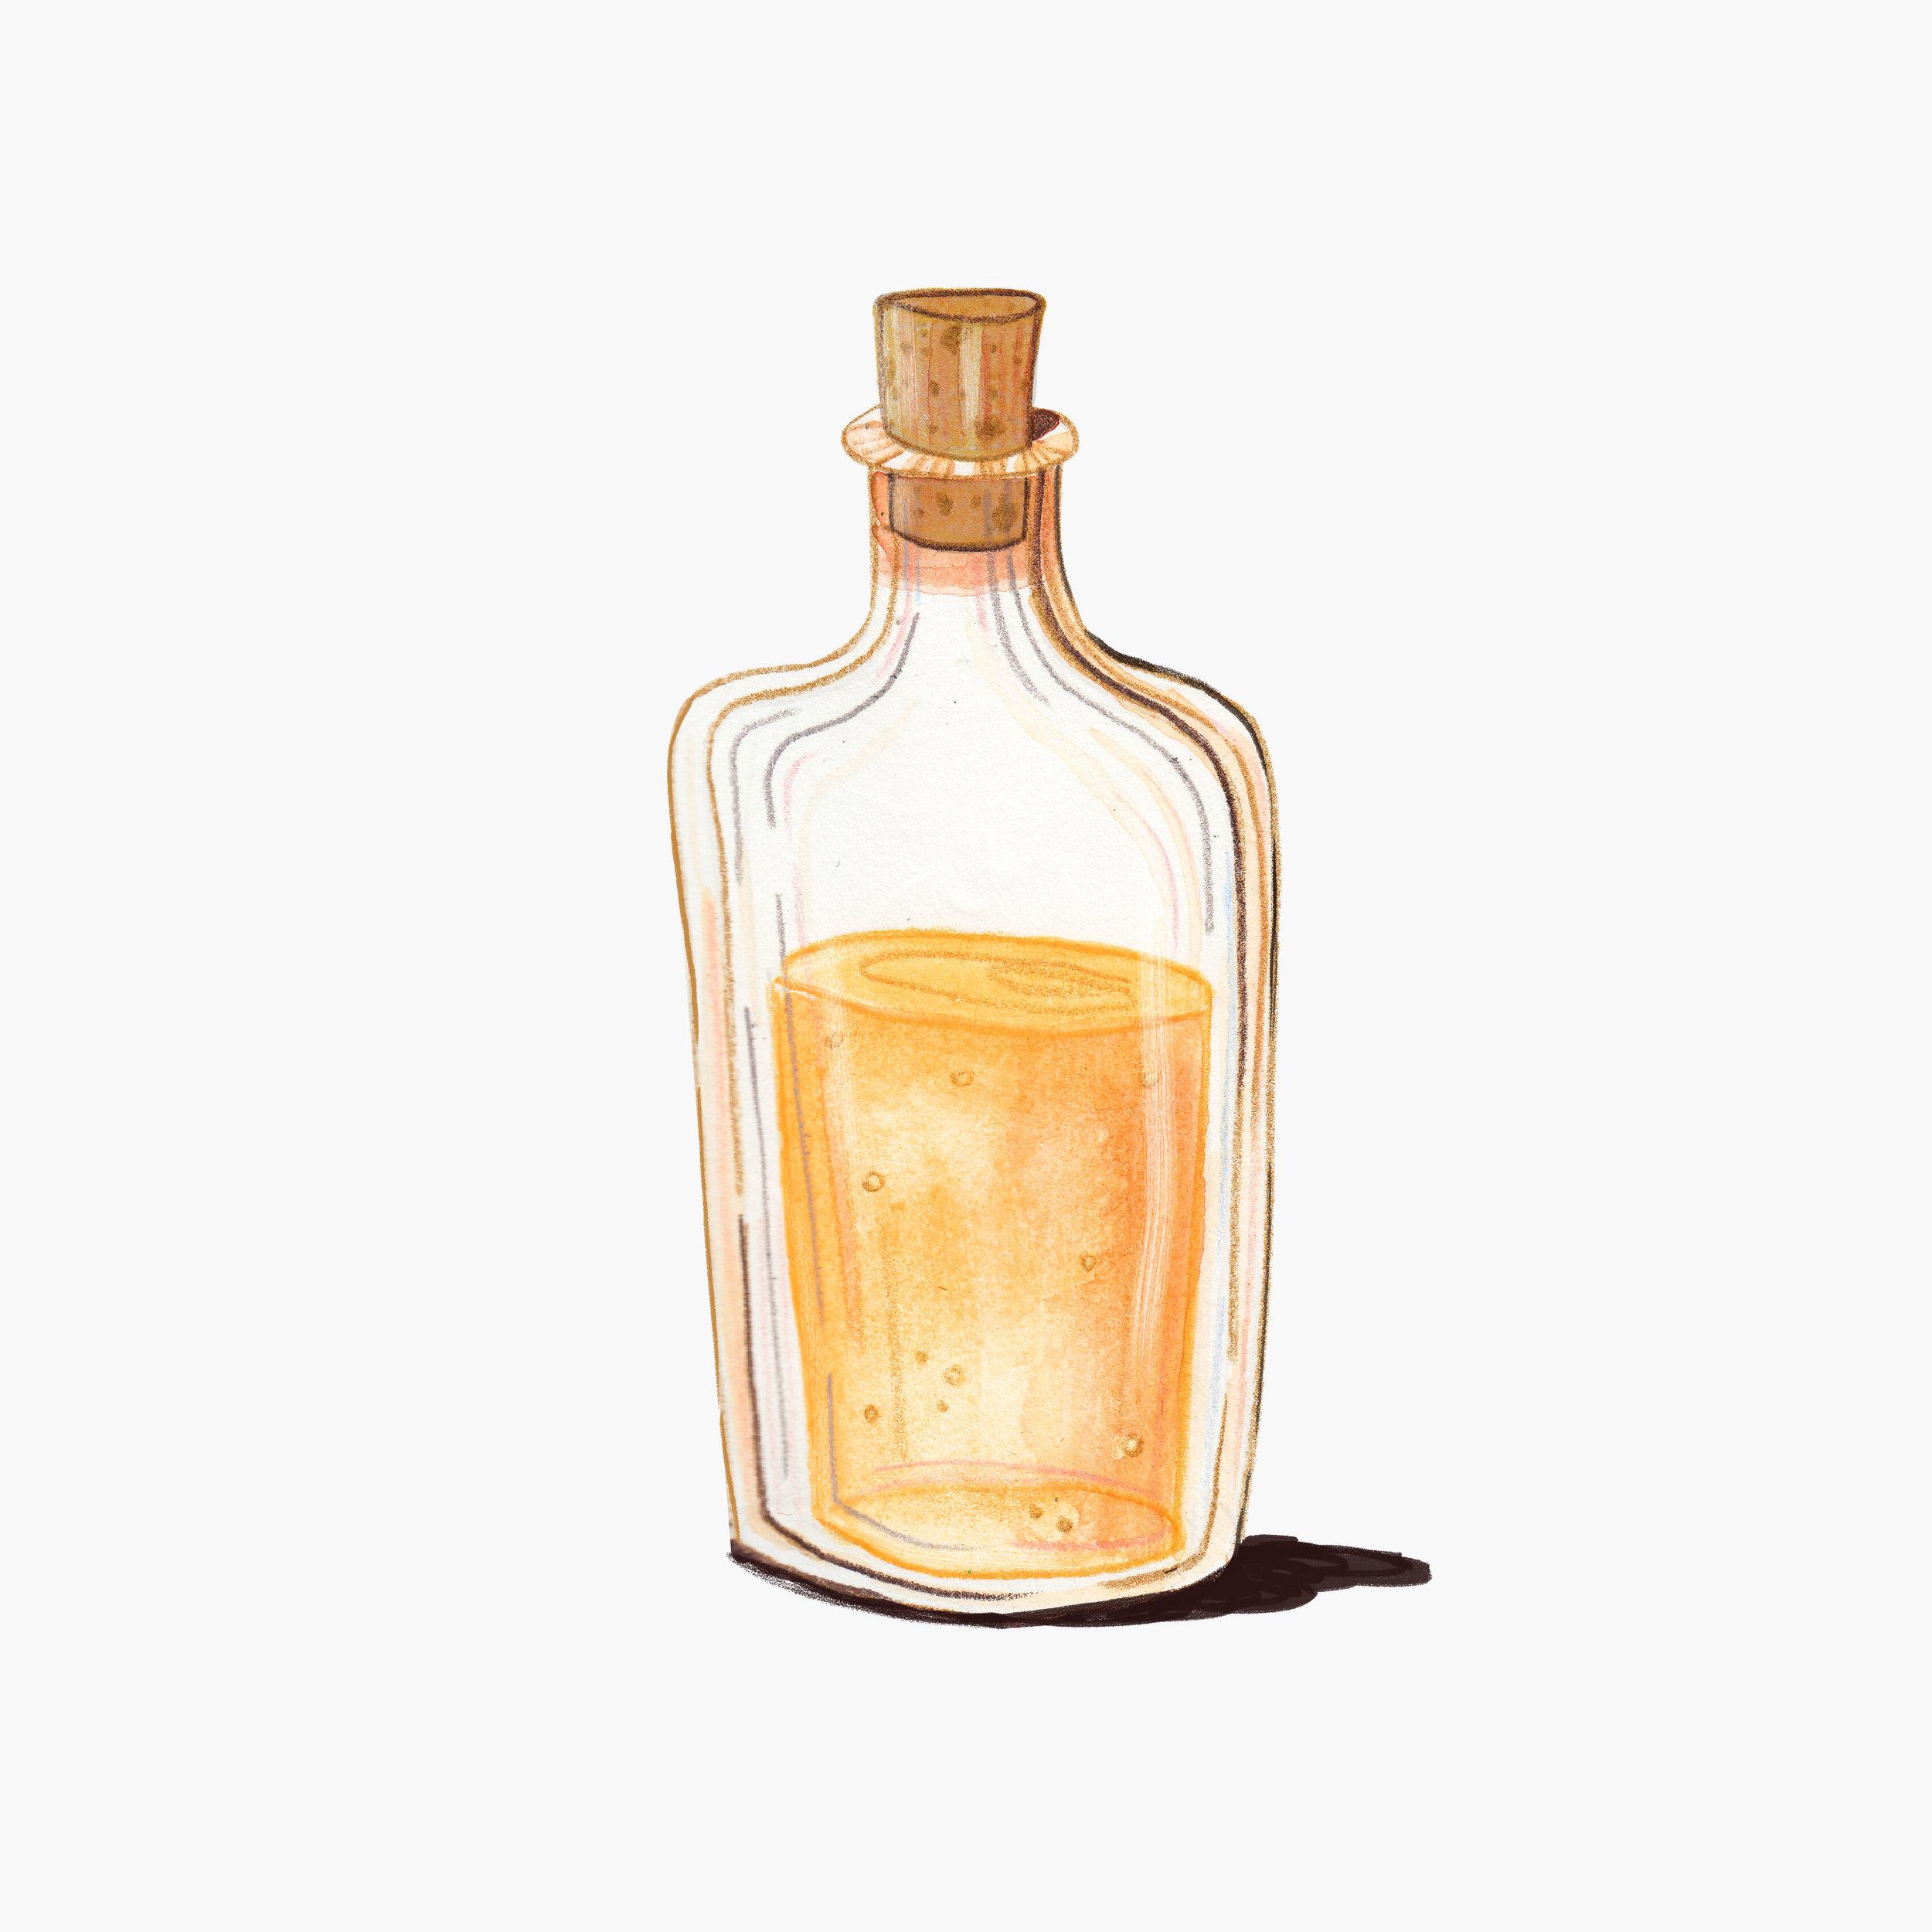 004-Oil.jpg